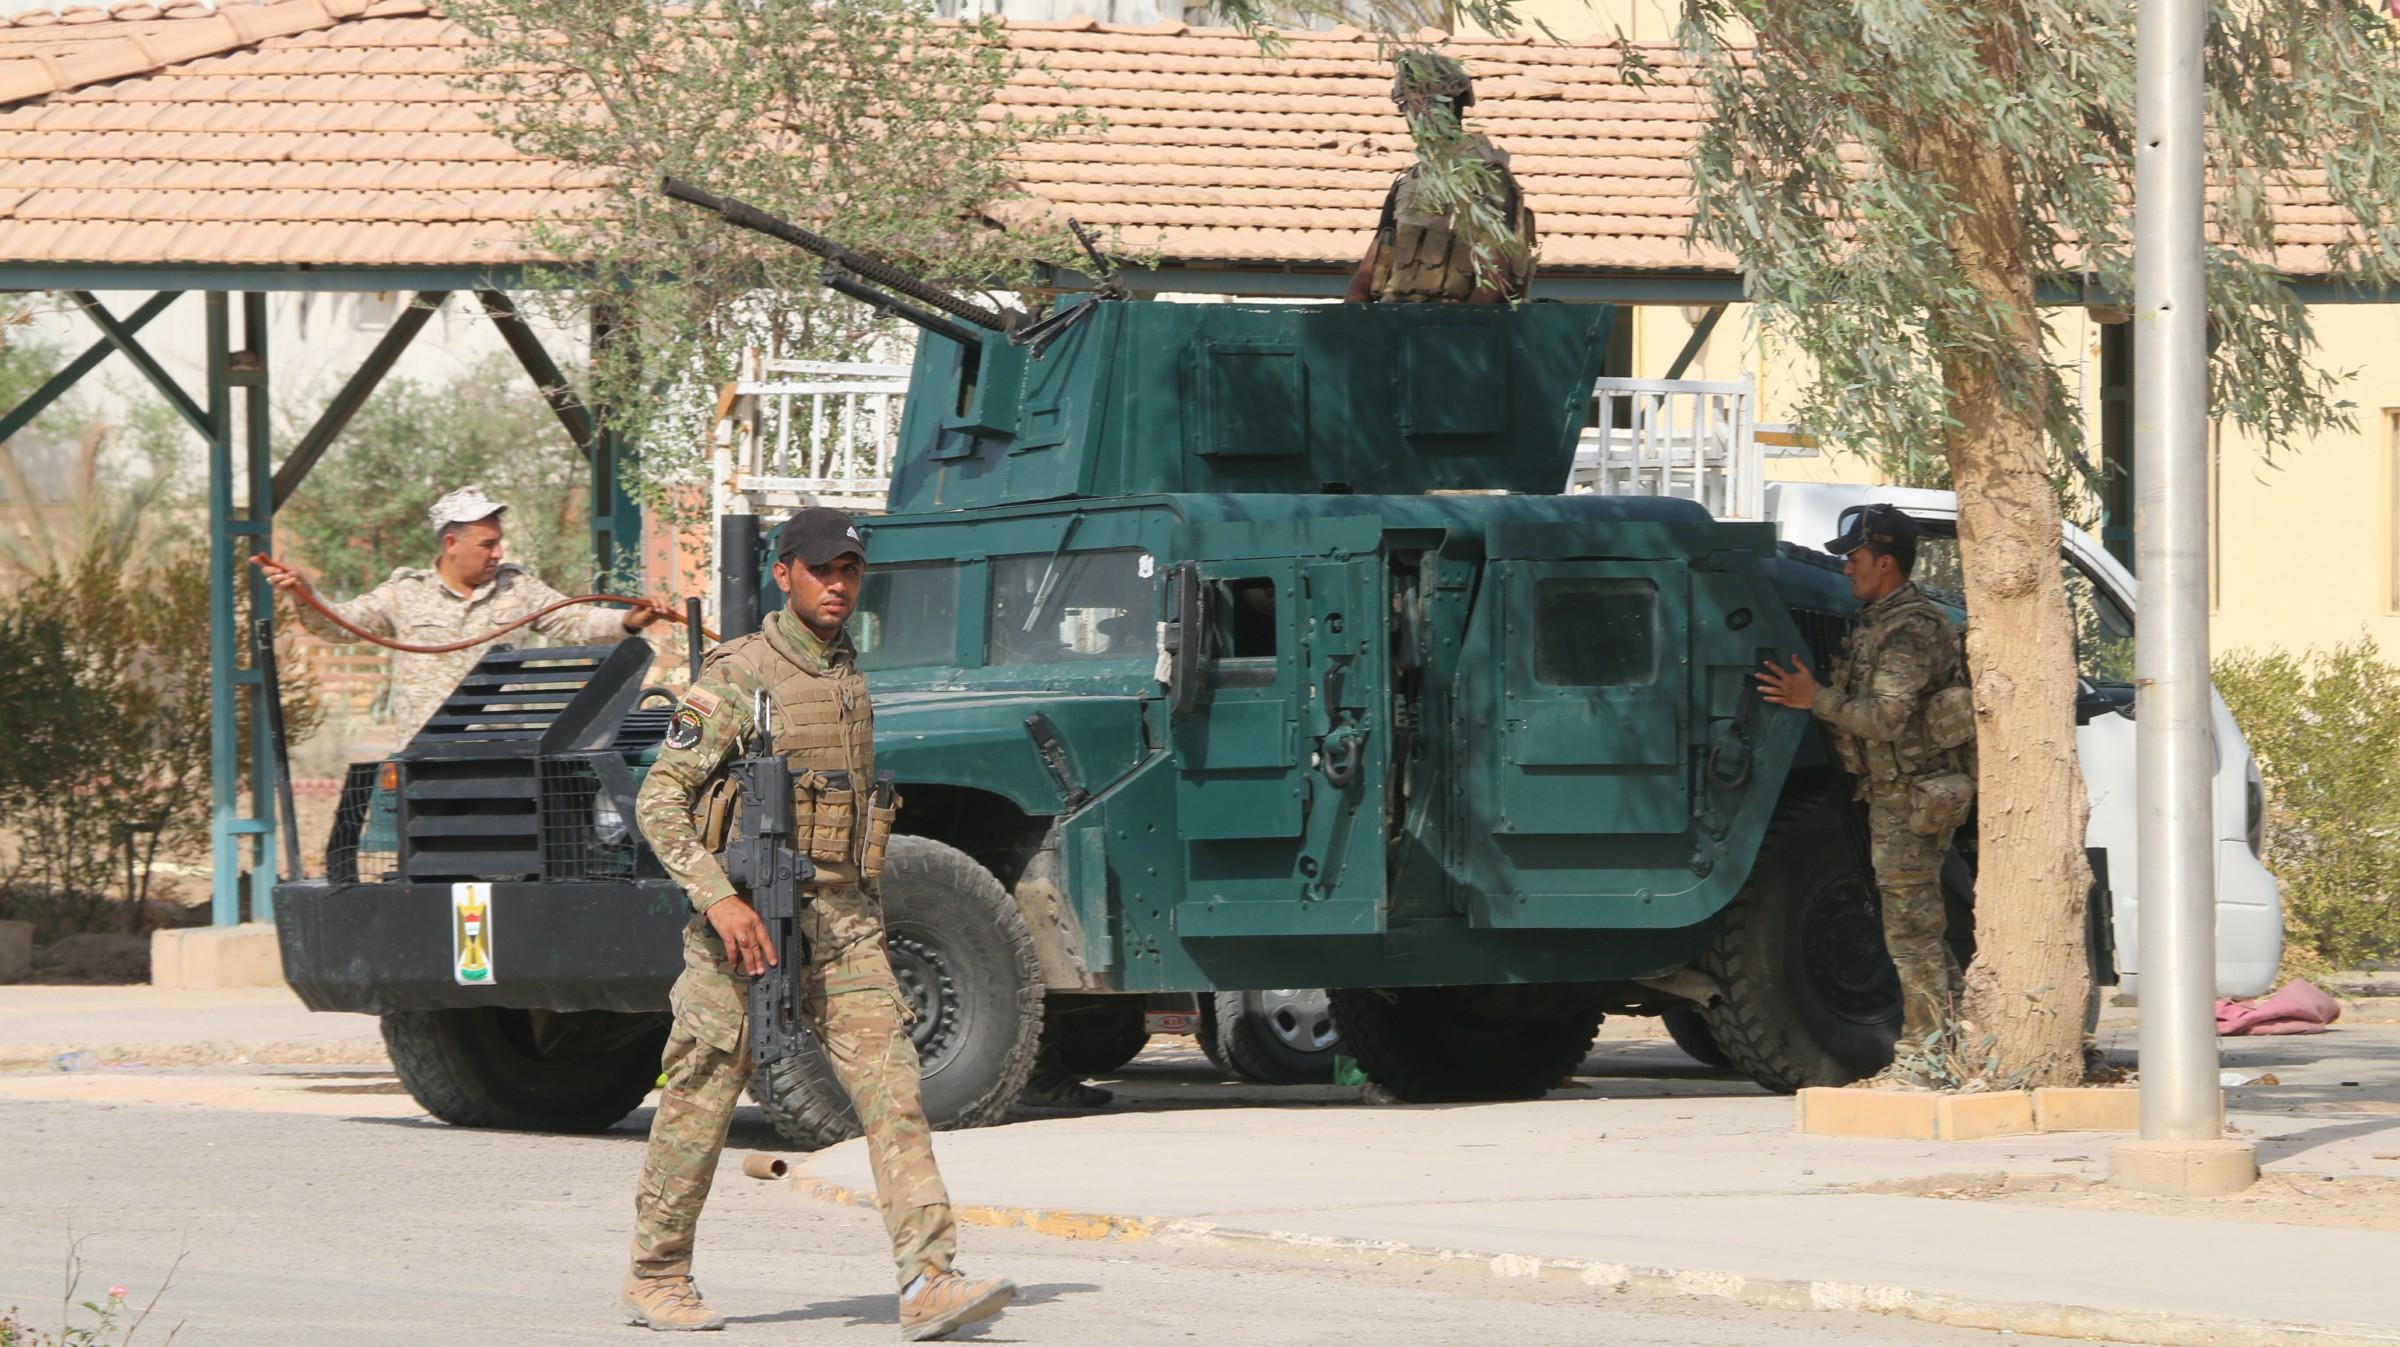 قائممقام القائم يدعو القوات الأمنية لحماية الأهالي بعد مقتل خمسة مدنيين بالقضاء